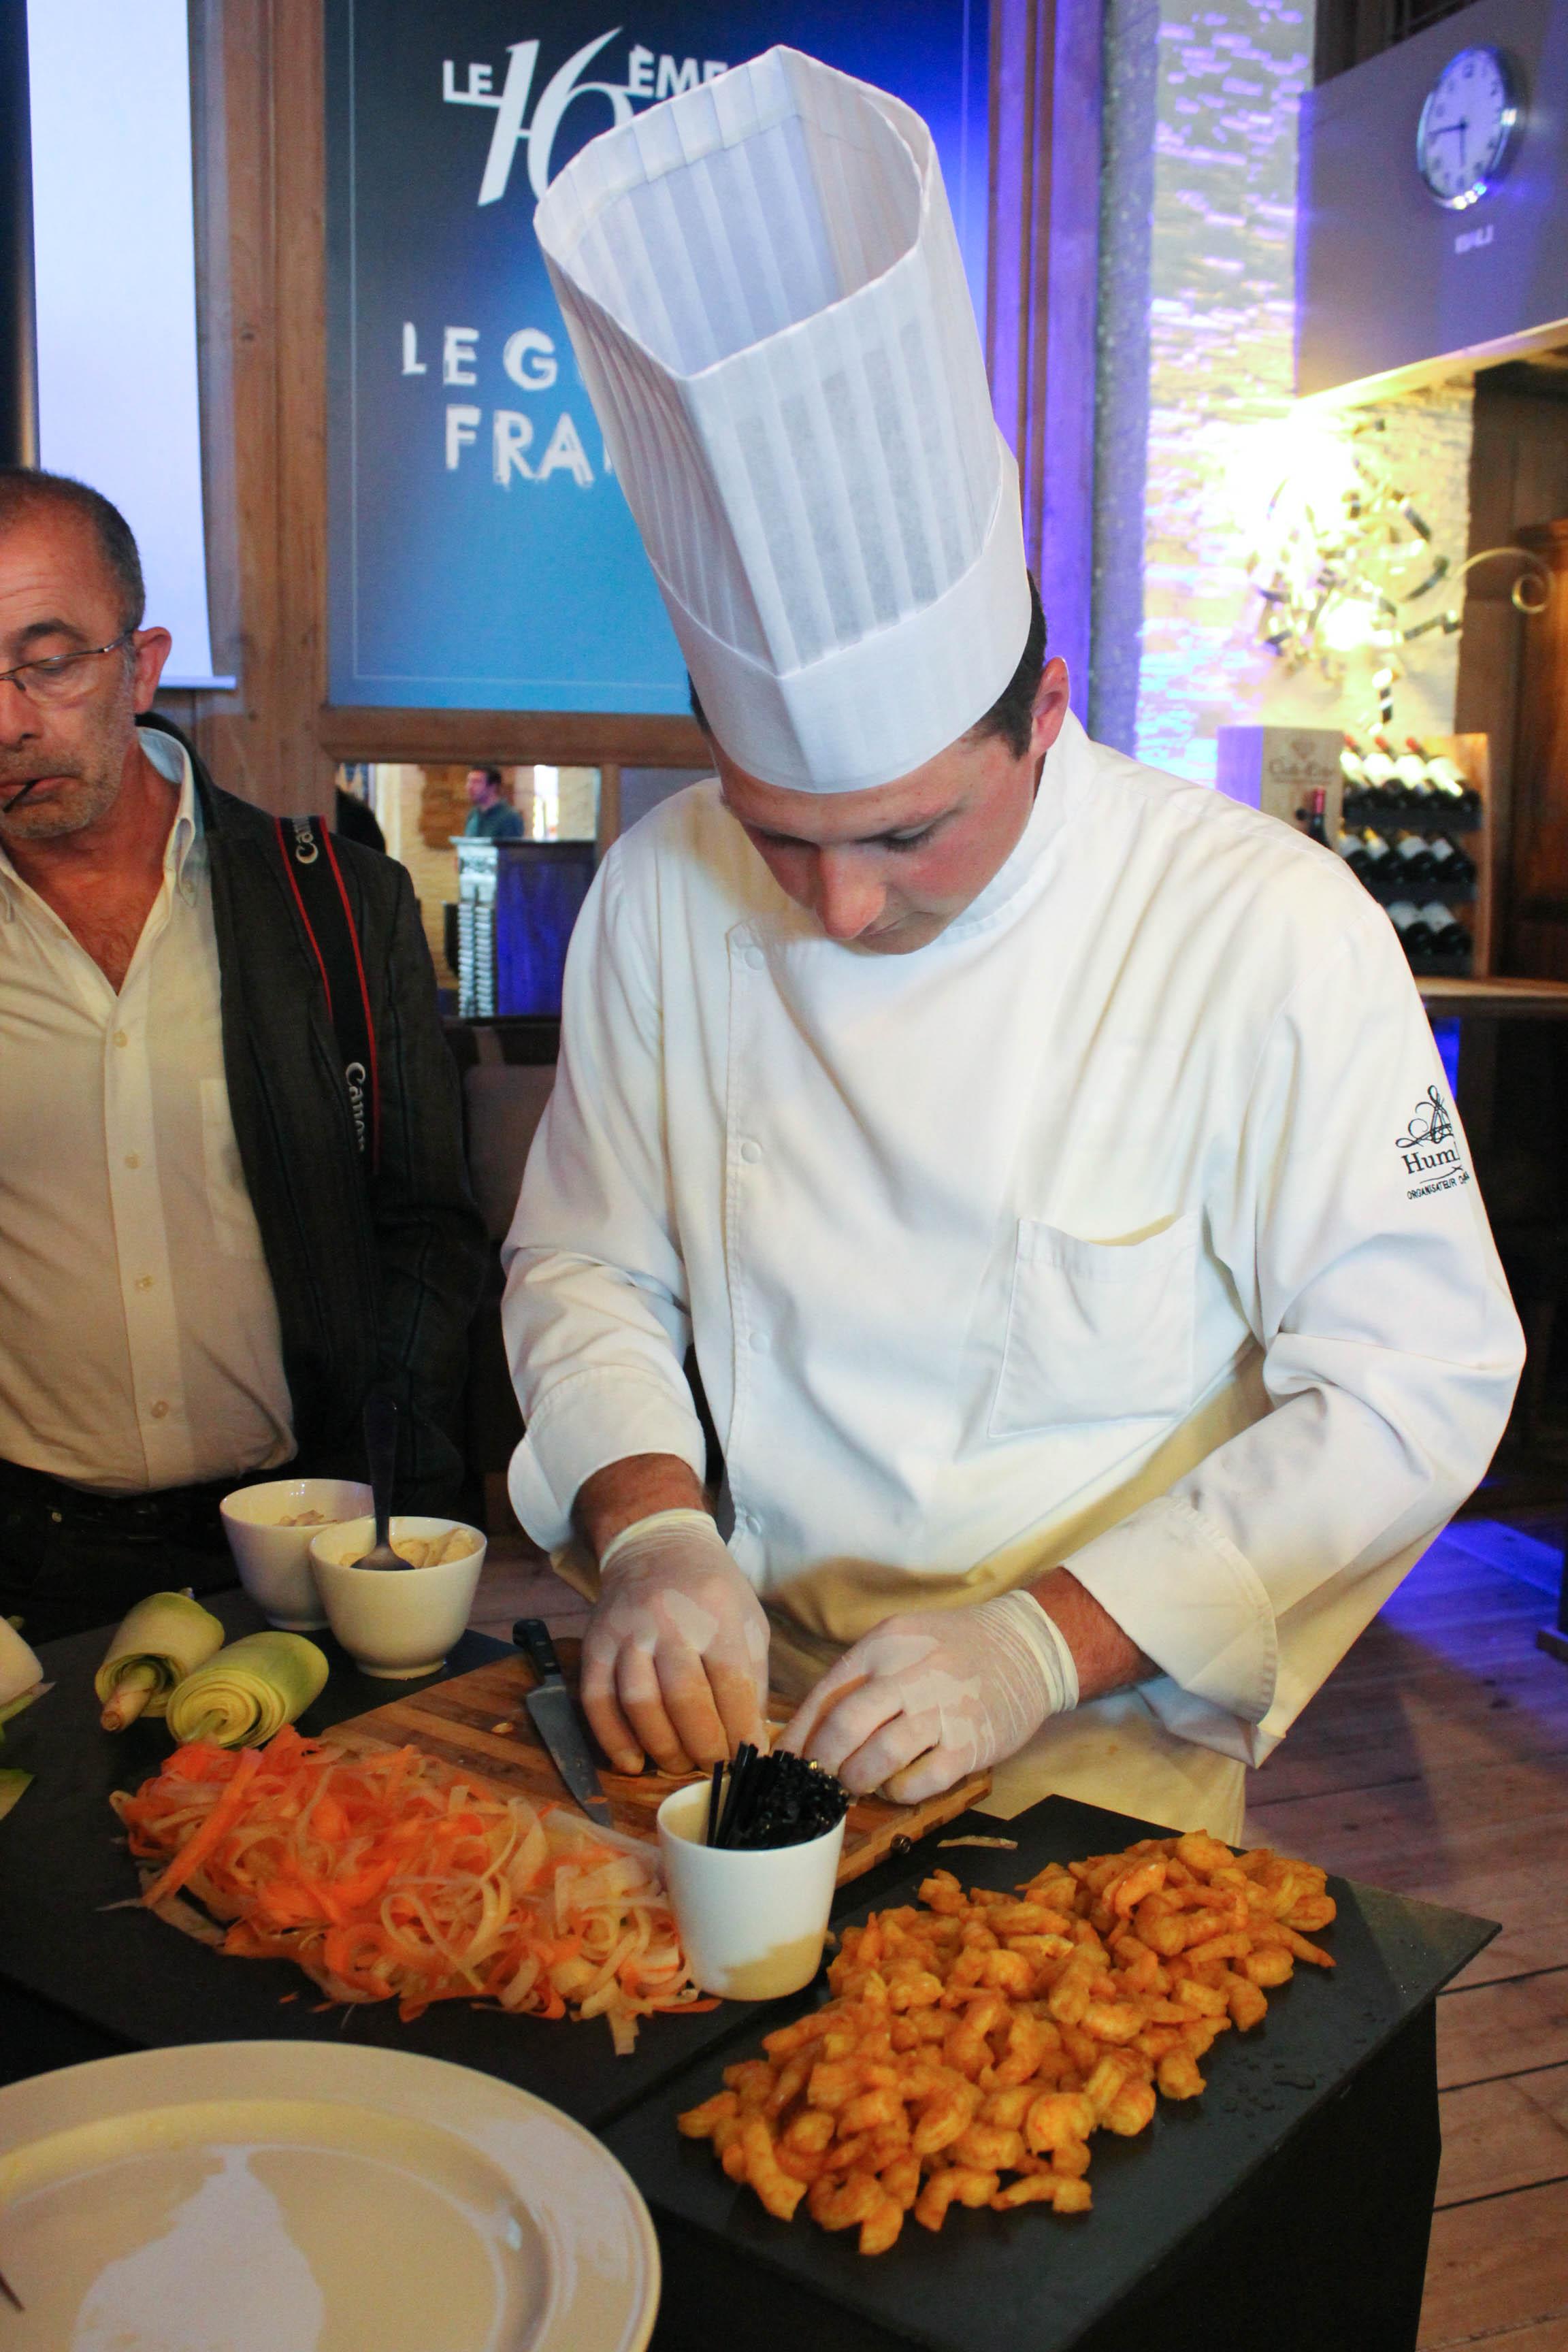 2013-07-04- Soirée gastronomie à la française avec Philipe Etchebest - les lubies de Louise (14 sur 38)